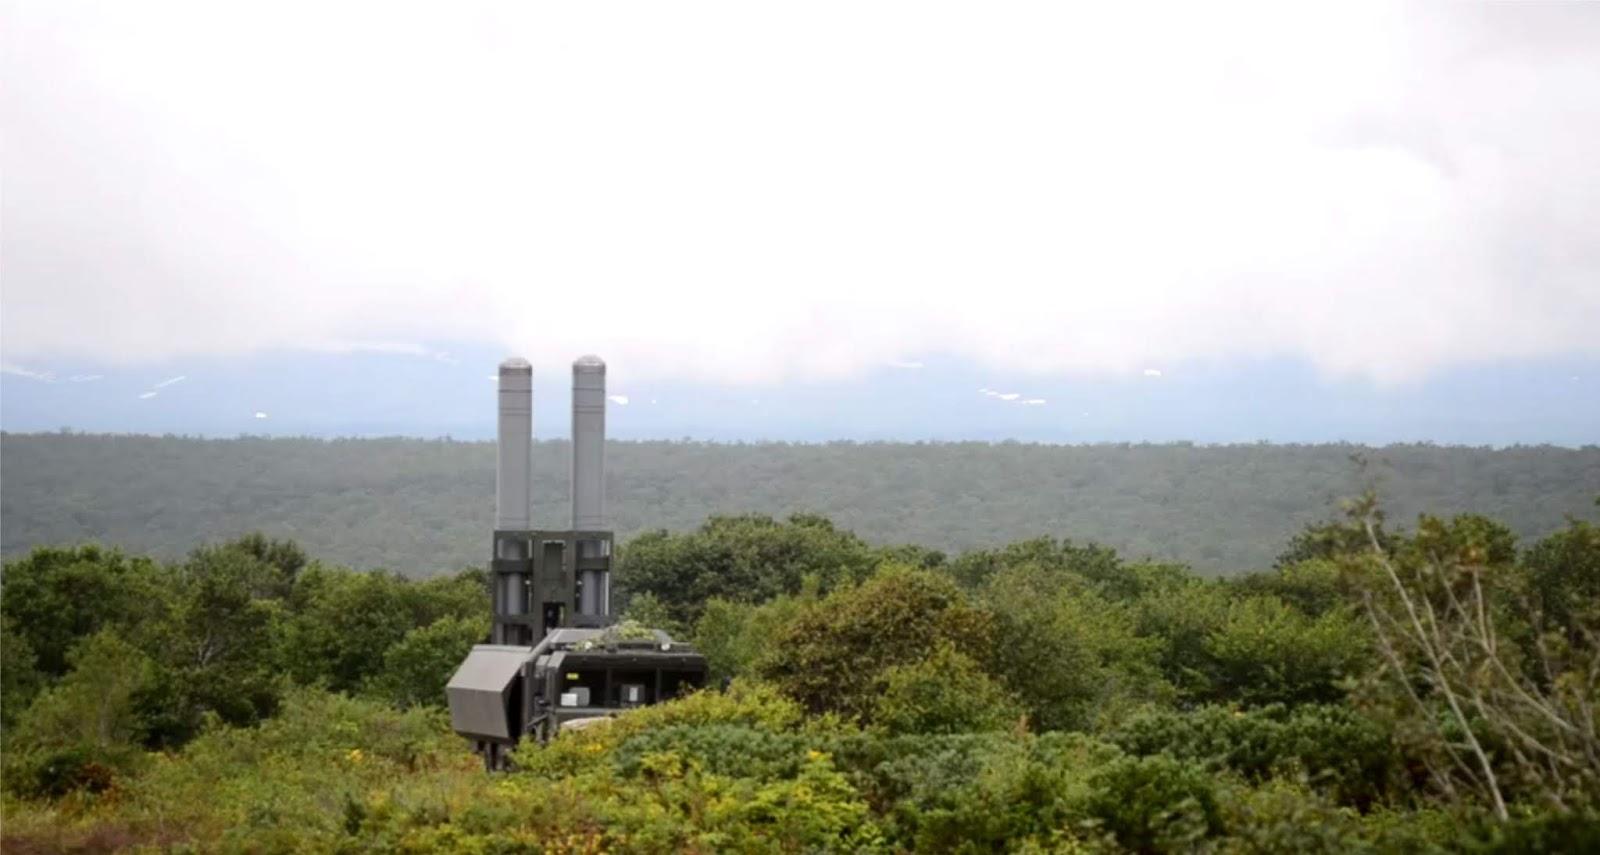 Kementerian Pertahanan Rusia menerbitkan video peluncuran rudal jelajah Onyx